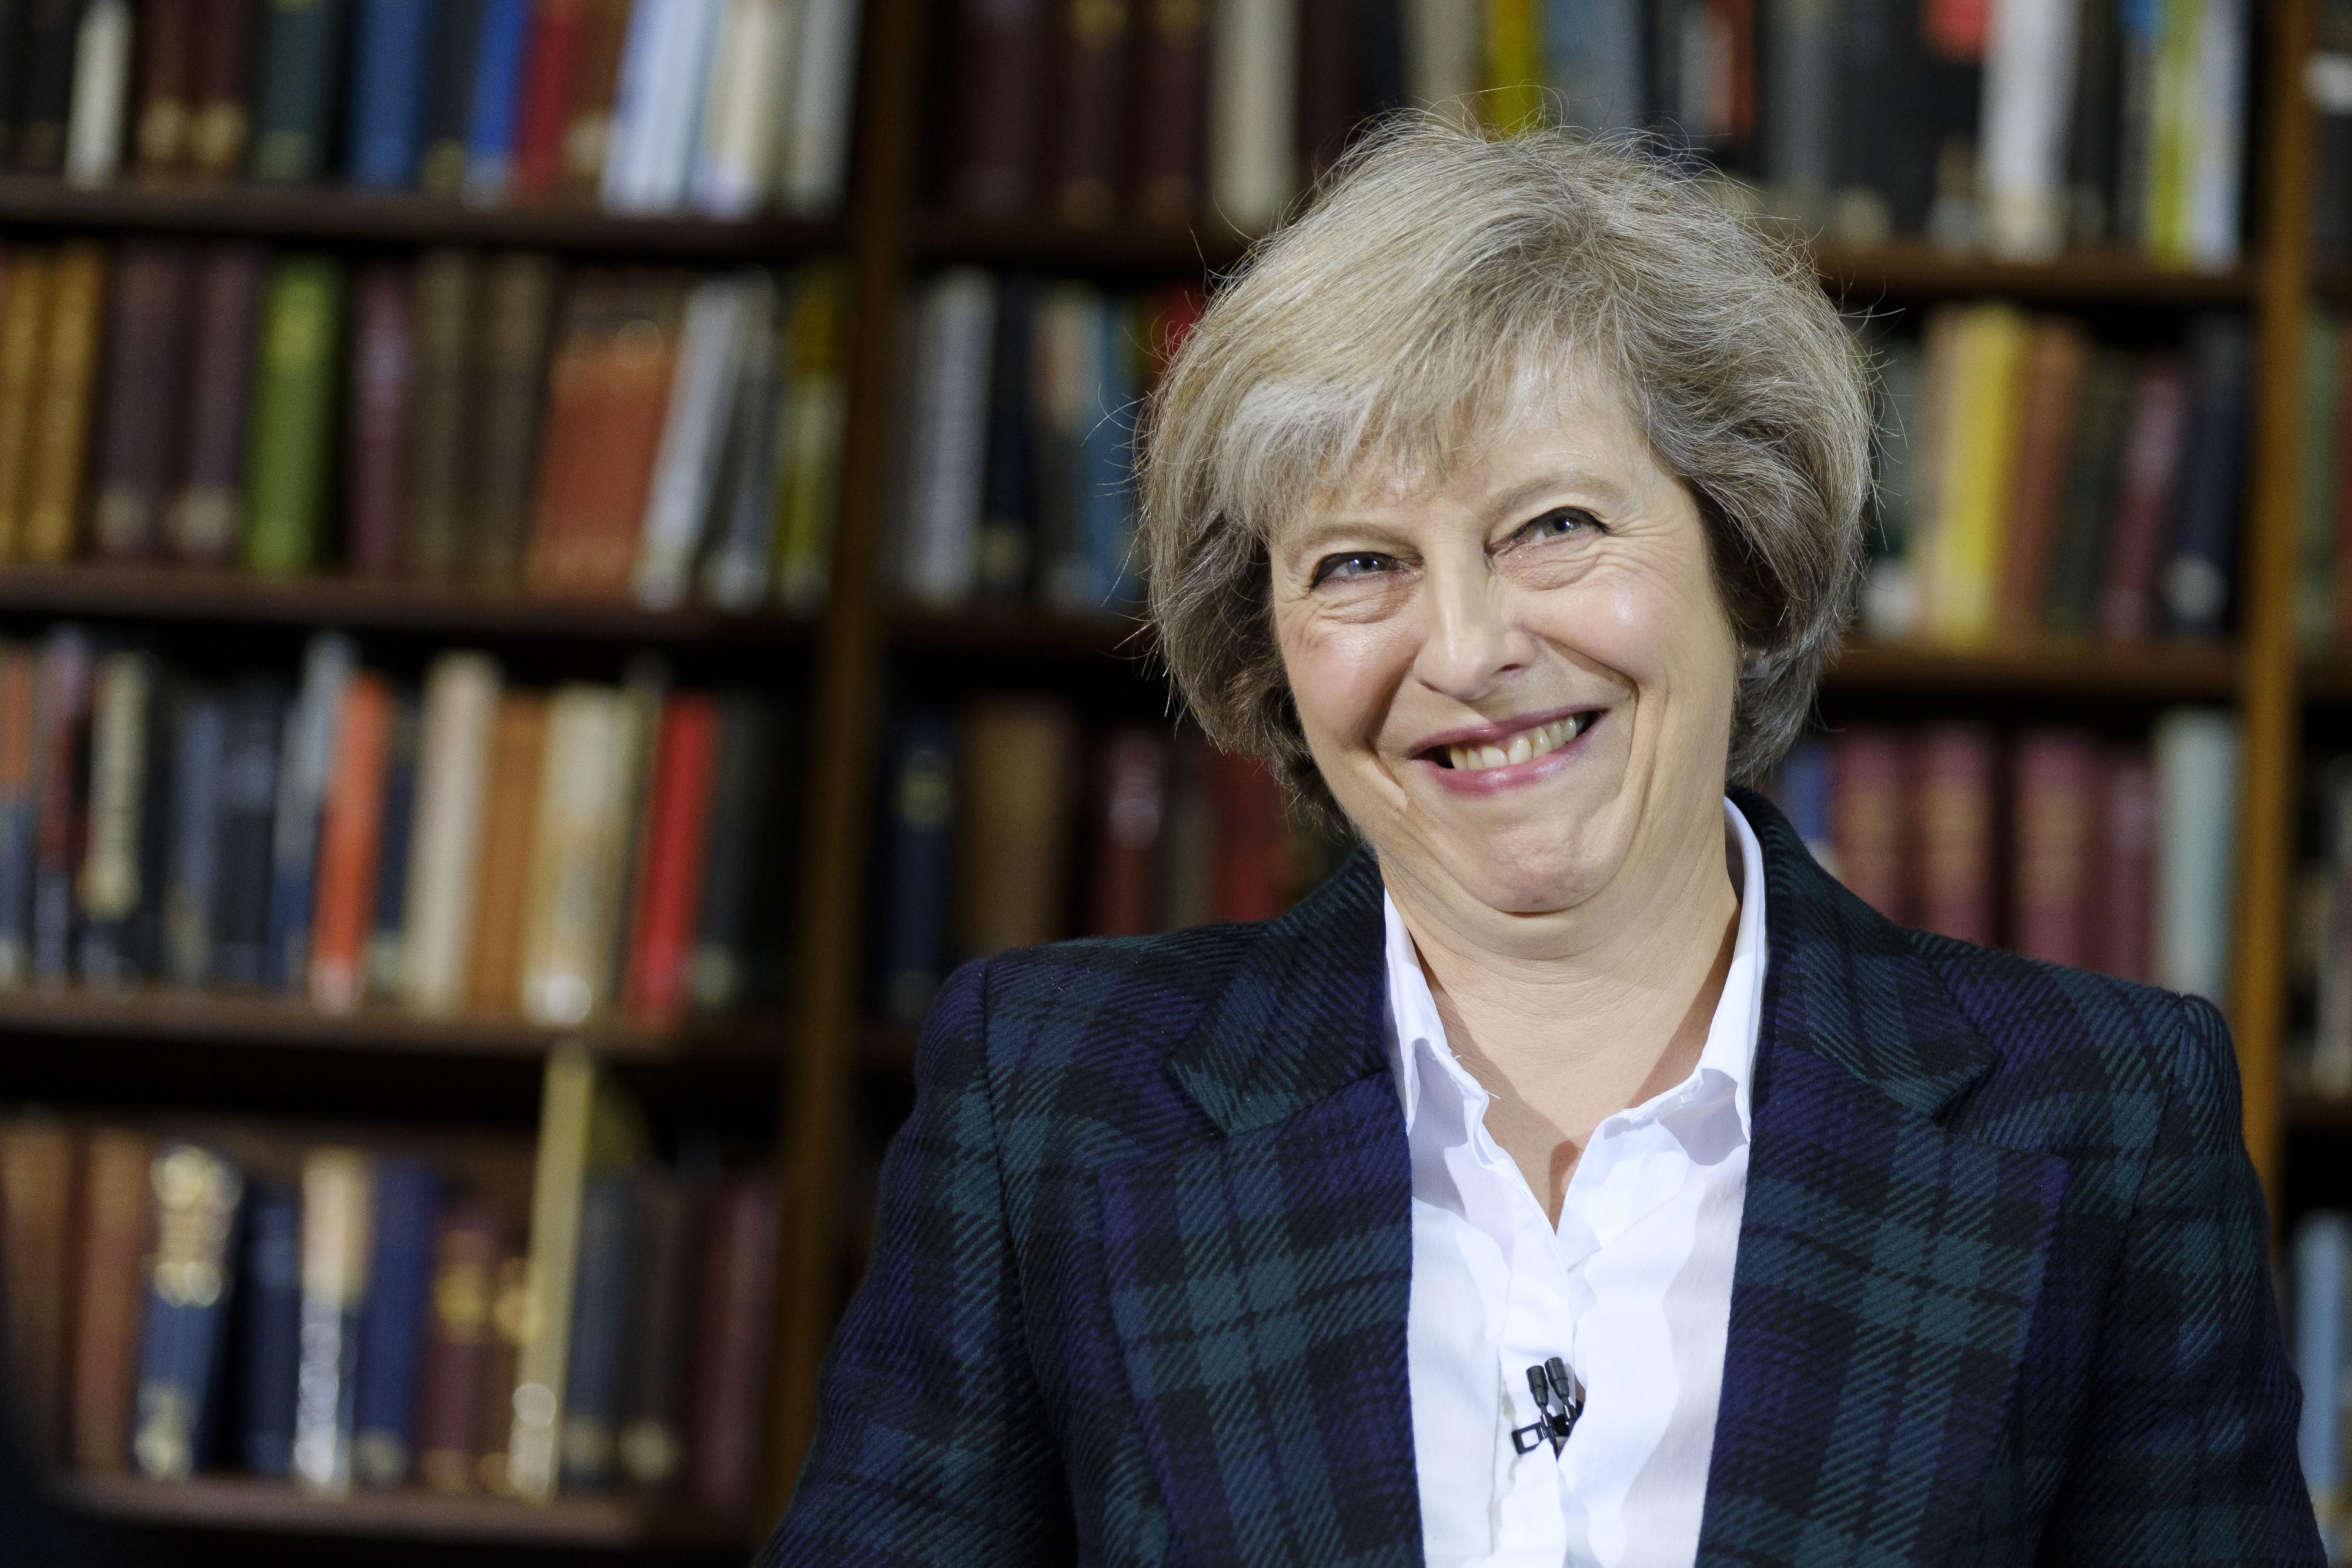 Üzent a Nagy-Britanniában élő EU-polgároknak a miniszterelnök-esélyes: bizonytalan a sorsotok